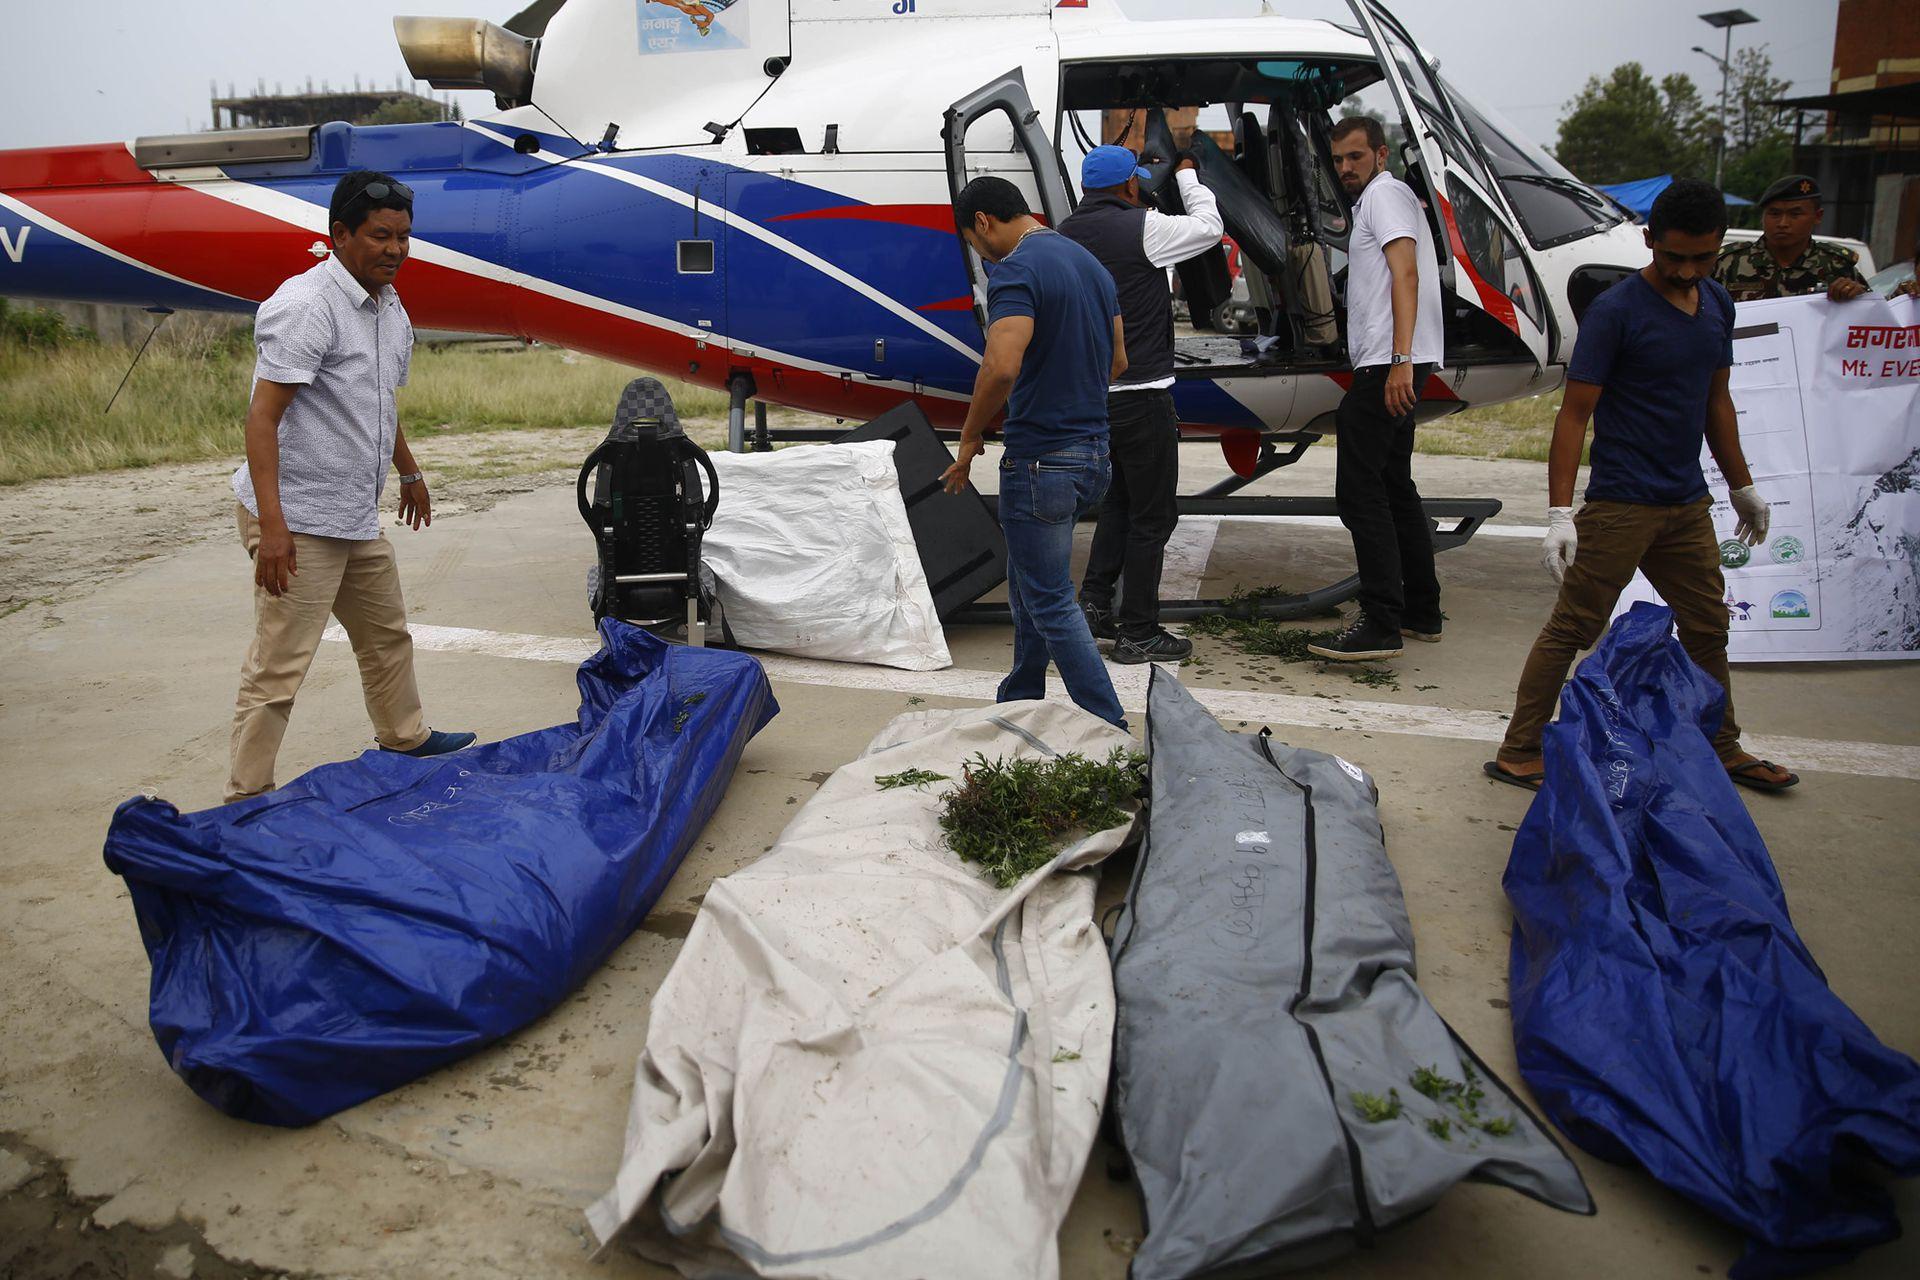 Nepal, Katmandú: el personal del Ejército de Nepal trae cuatro cadáveres en un helicóptero para su autopsia